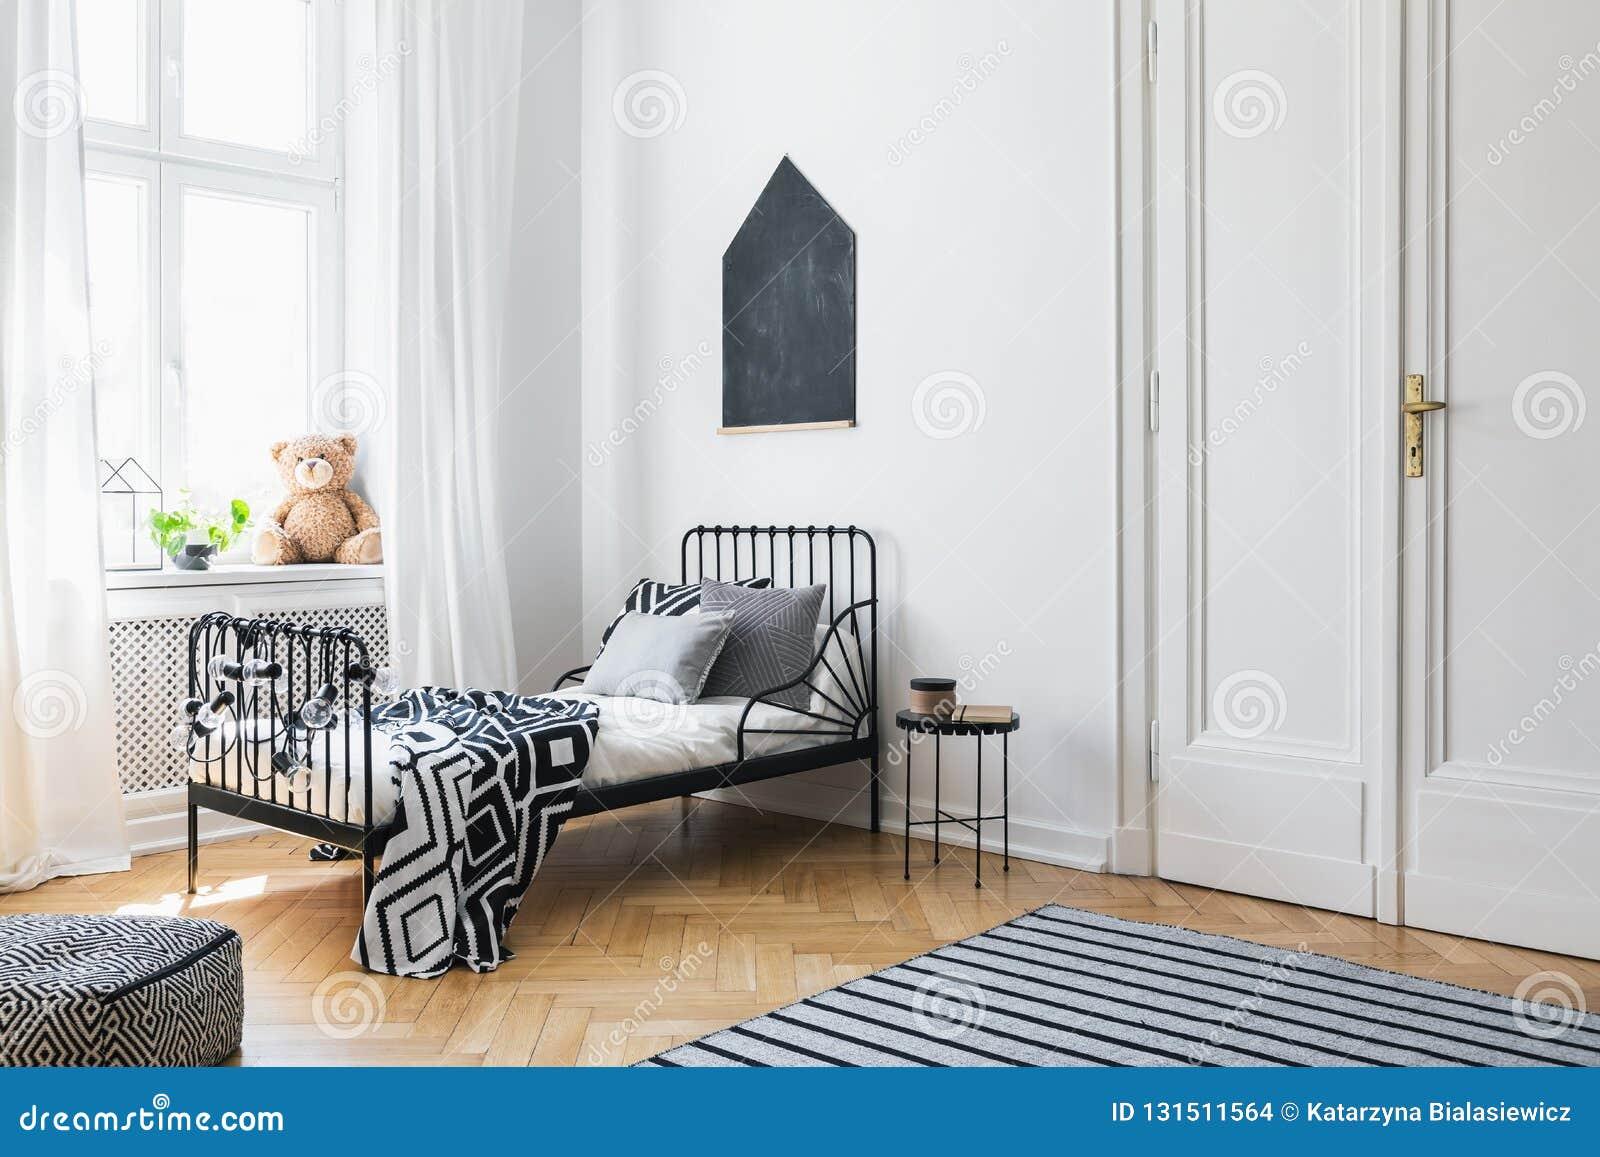 Черный плакат над кроватью со сделанными по образцу листами